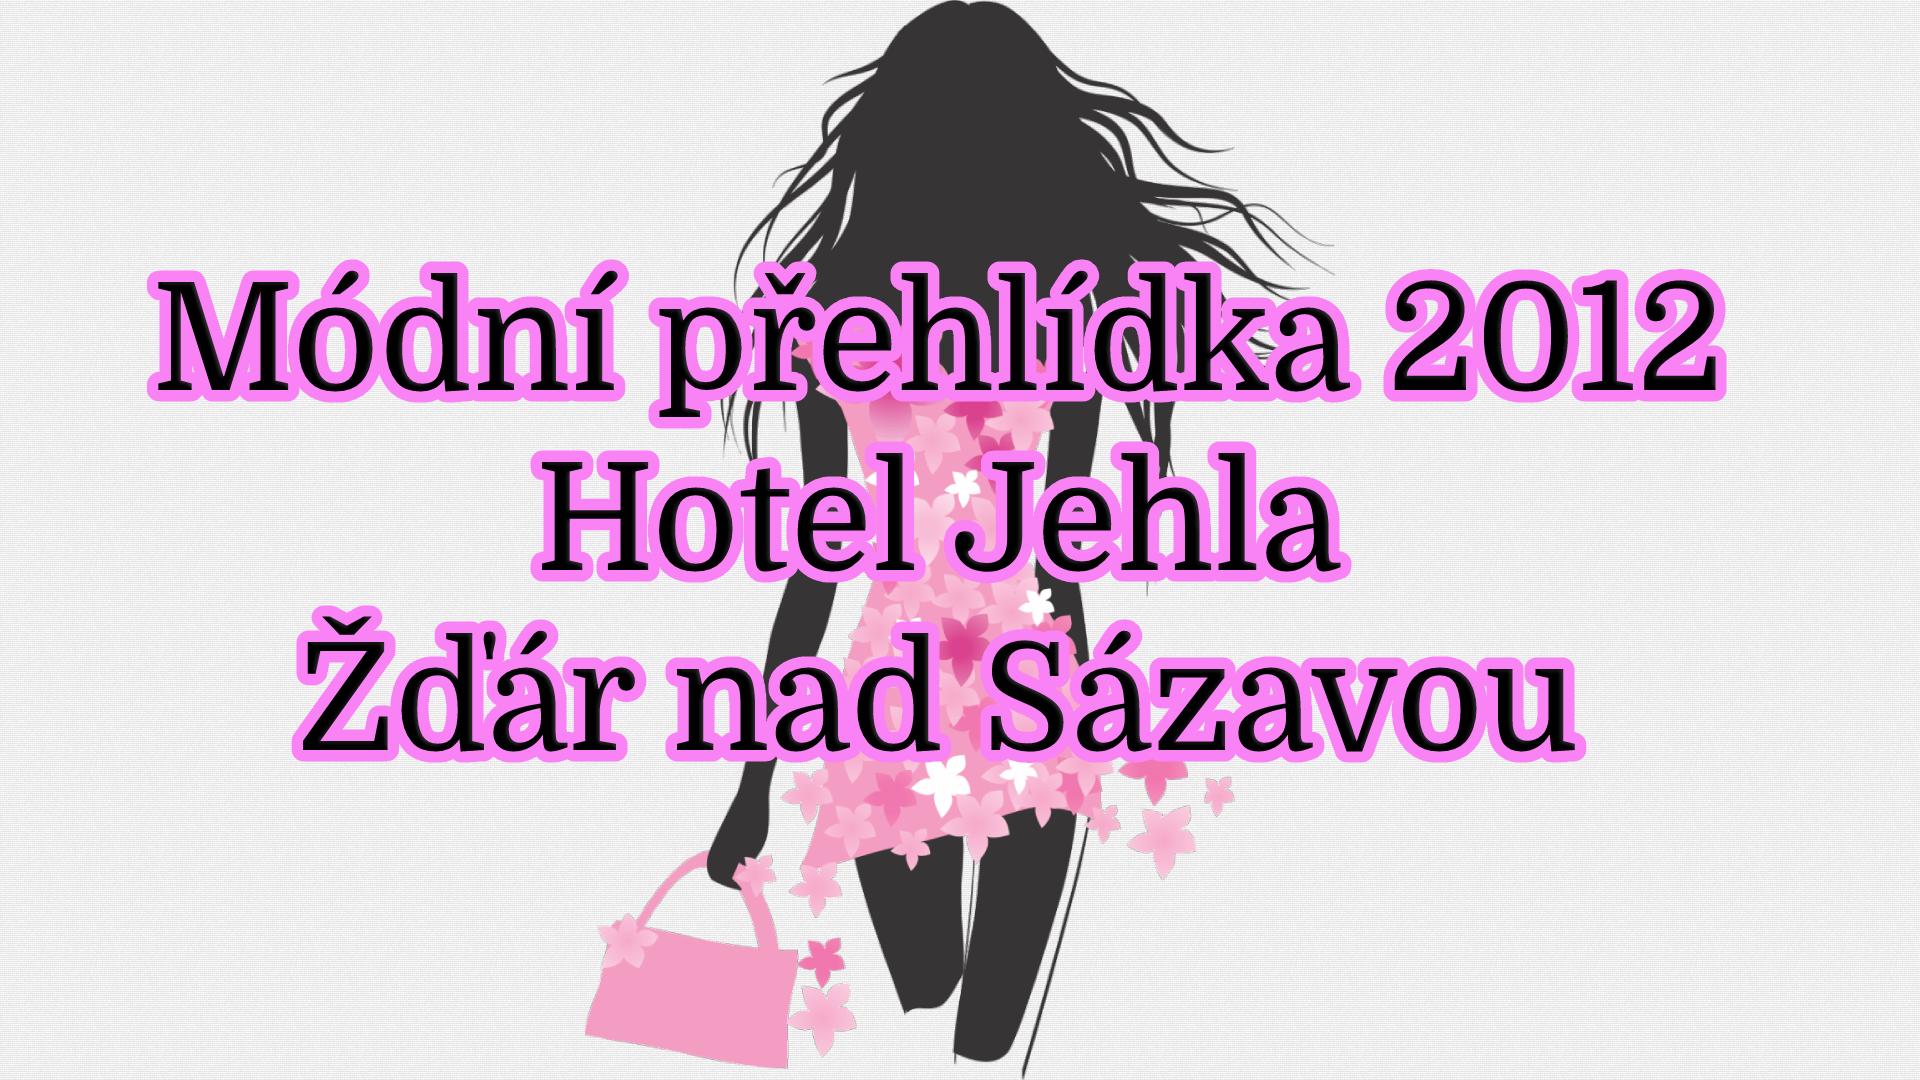 Módní přehlídka 2012 - Hotel Jehla Žďár nad Sázavou